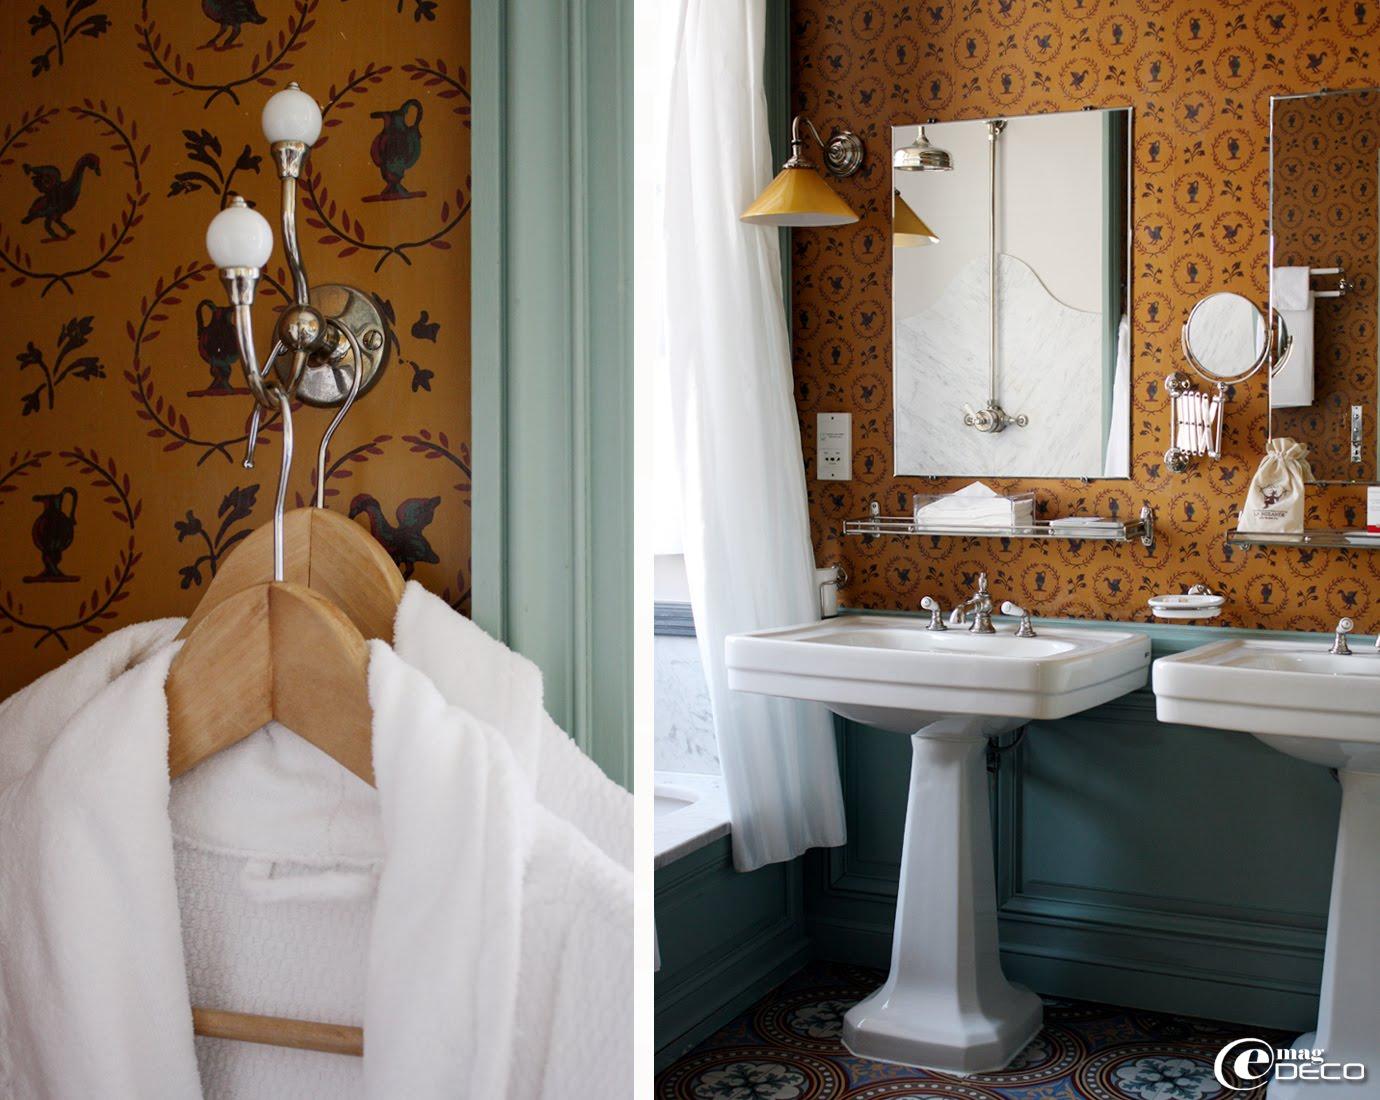 Salle de bain de La Mirande, papier peint imprimé à la planche, éléments sanitaires et robinetterie rétro